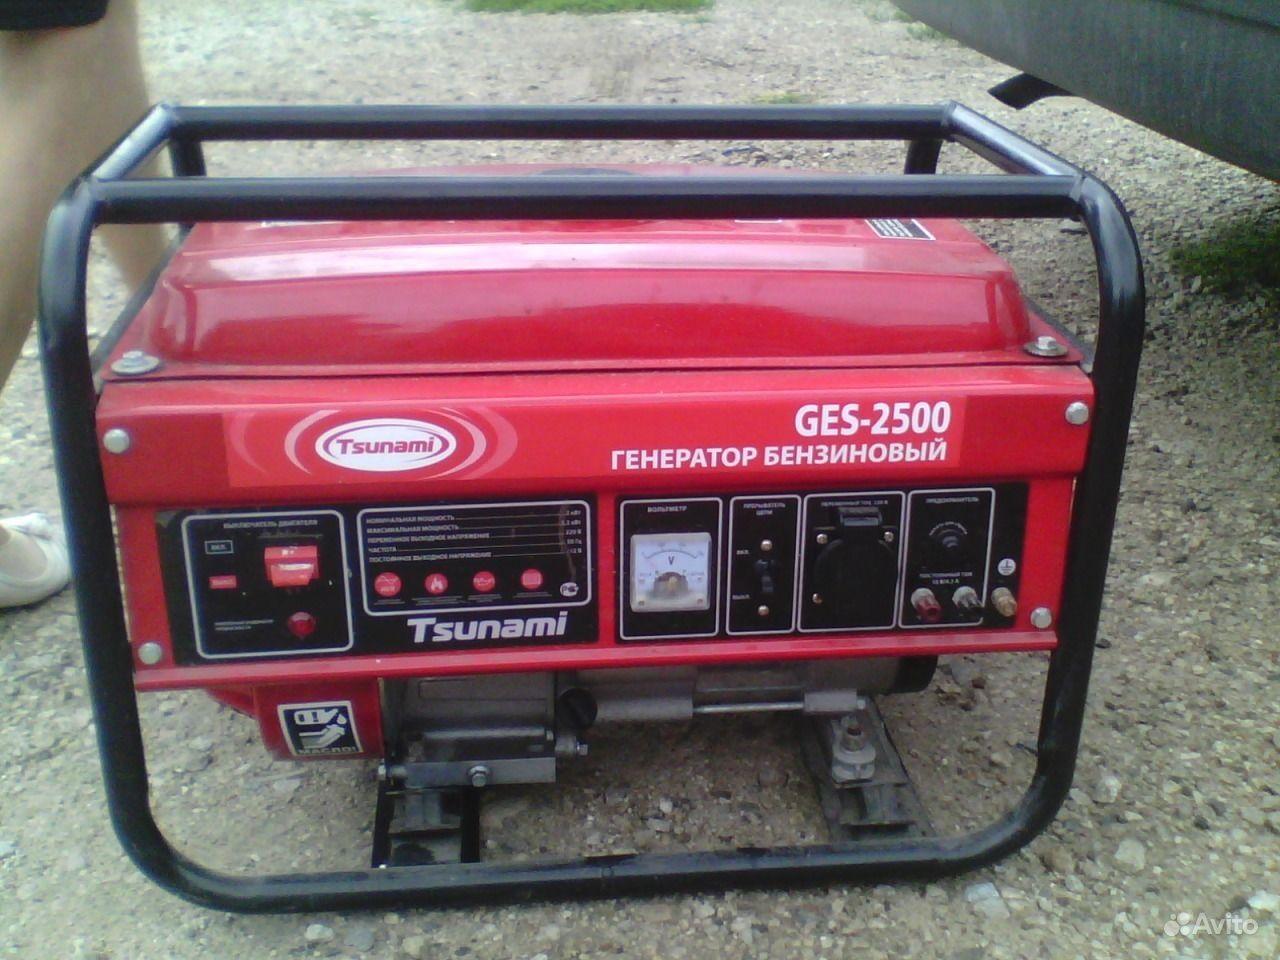 бензогенератор хутер 2500 инструкция по ремонту